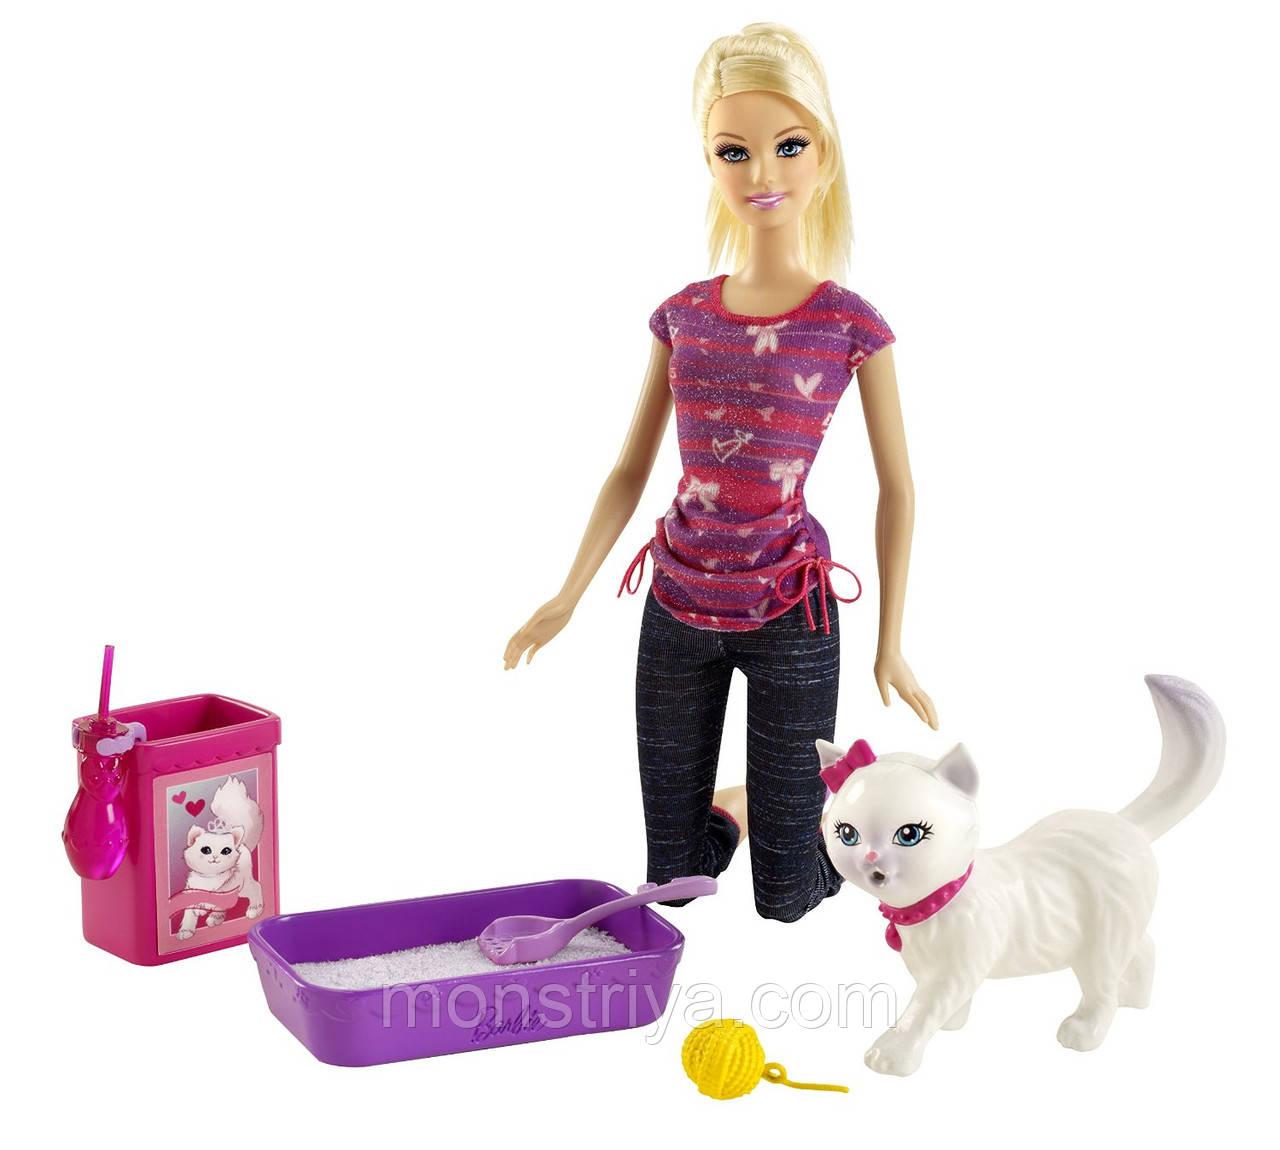 Кукла Барби Barbie с питомцем, кошечкой,Киев